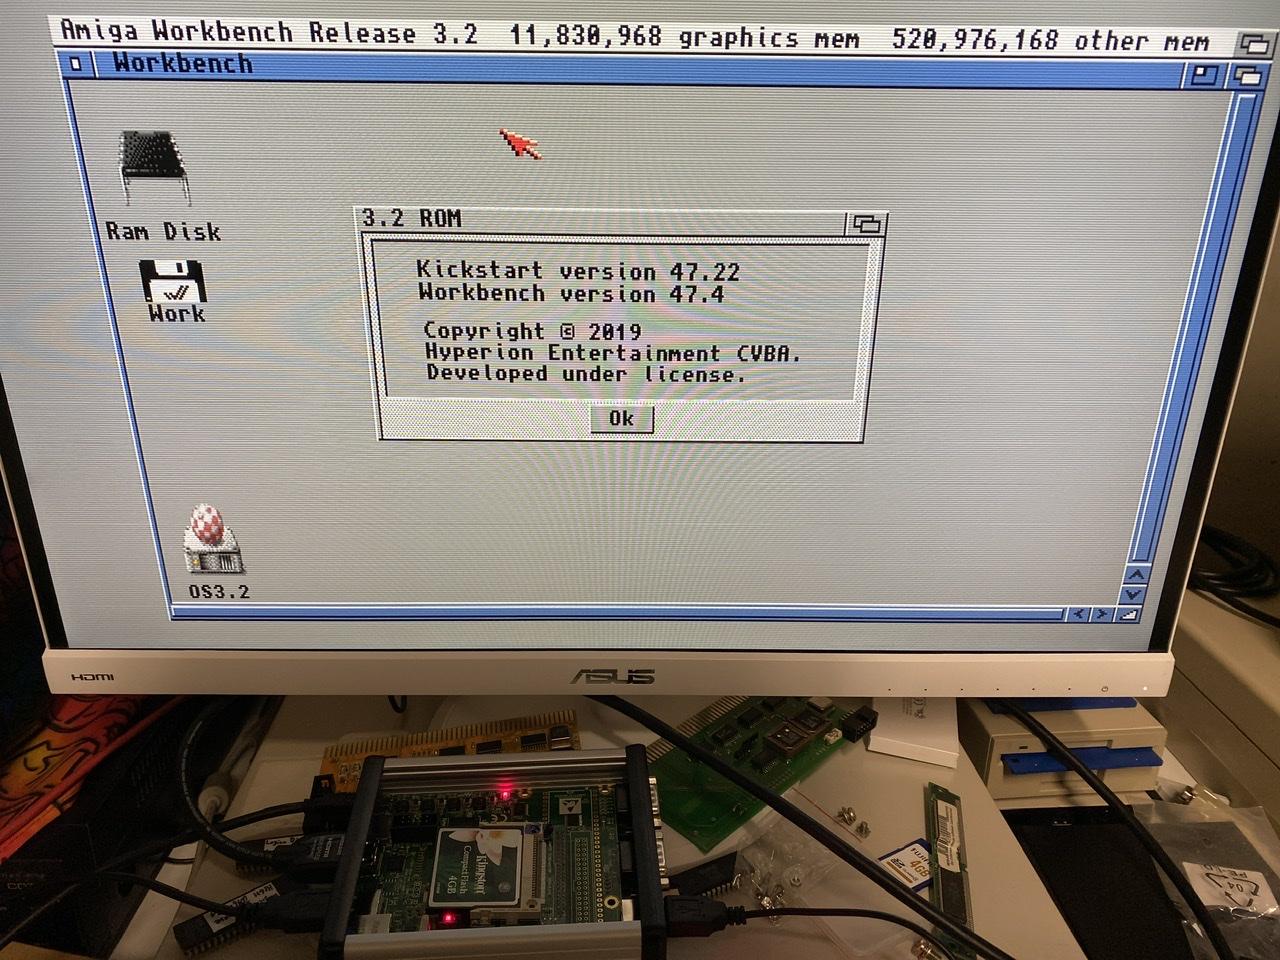 Klikněte na obrázek pro zobrazení větší verze  Název: C21842E4-BEB6-45C0-92CF-8FE7360A630F.jpeg Zobrazeno: 98 Velikost: 436,9 KB ID: 9951